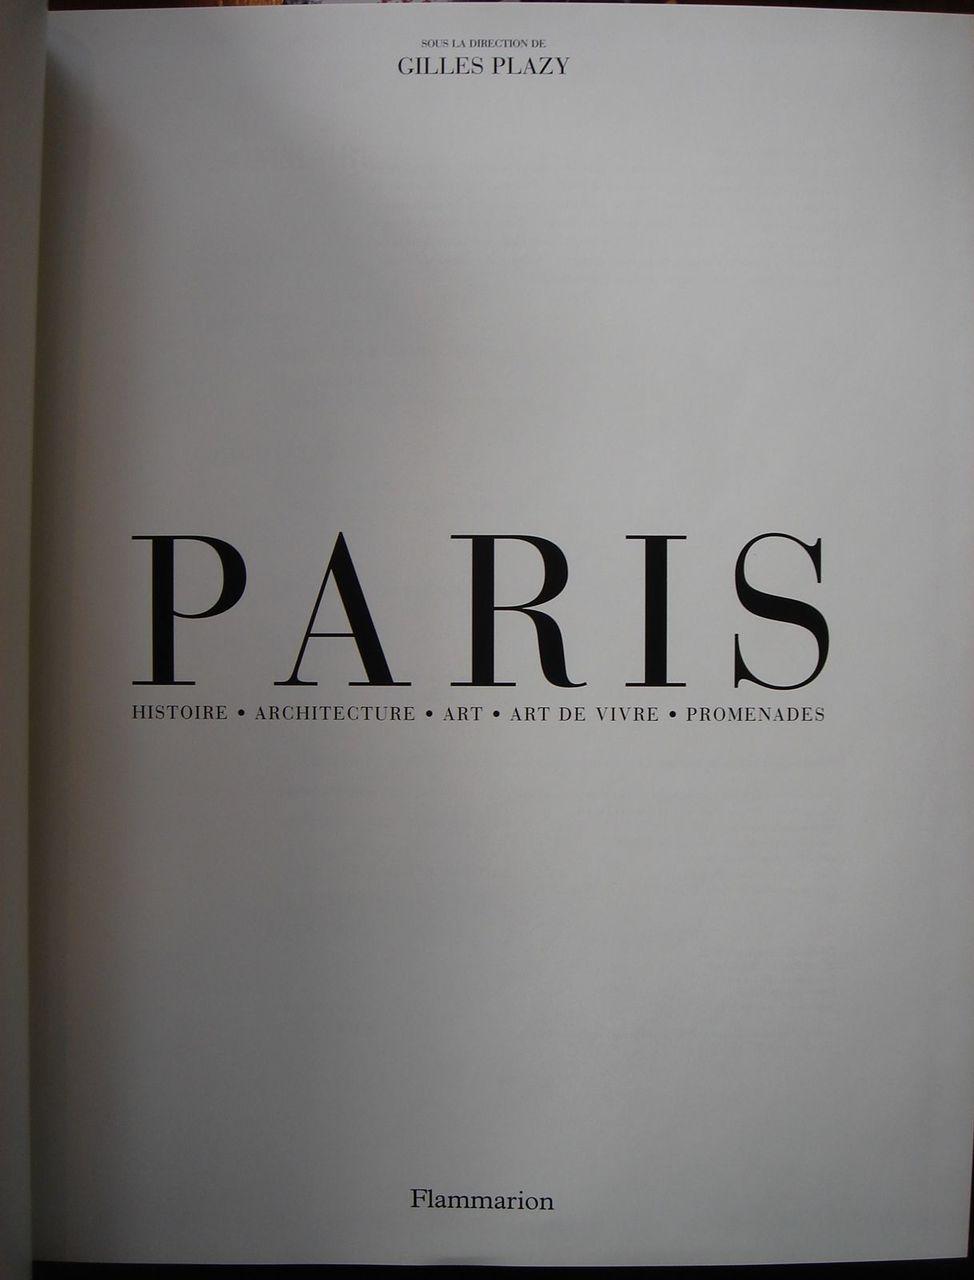 PARIS: HISTORIE, ARCHITECTURE, ART, ART DE VIVRE, PROMENADES 2003 France History